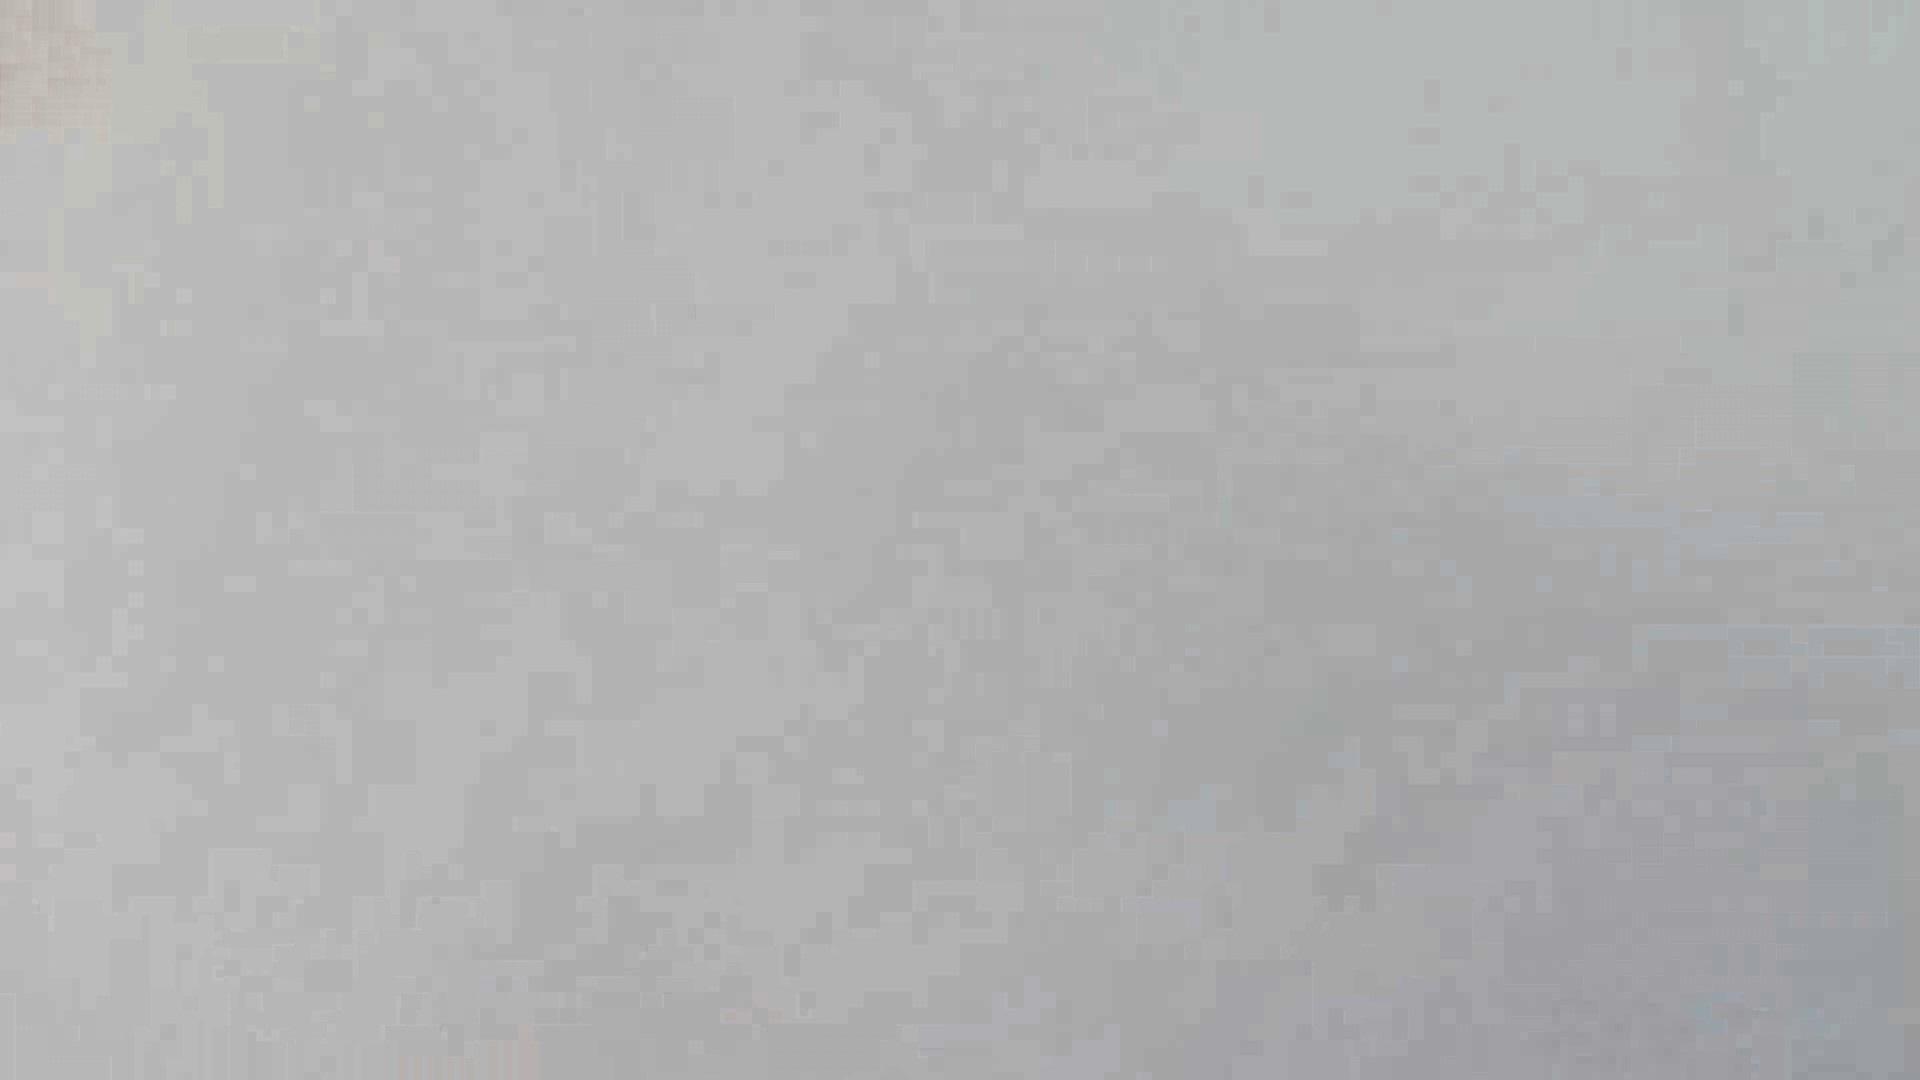 愛があったら入れて欲しい! Vol.03 美女 オマンコ動画キャプチャ 63連発 32